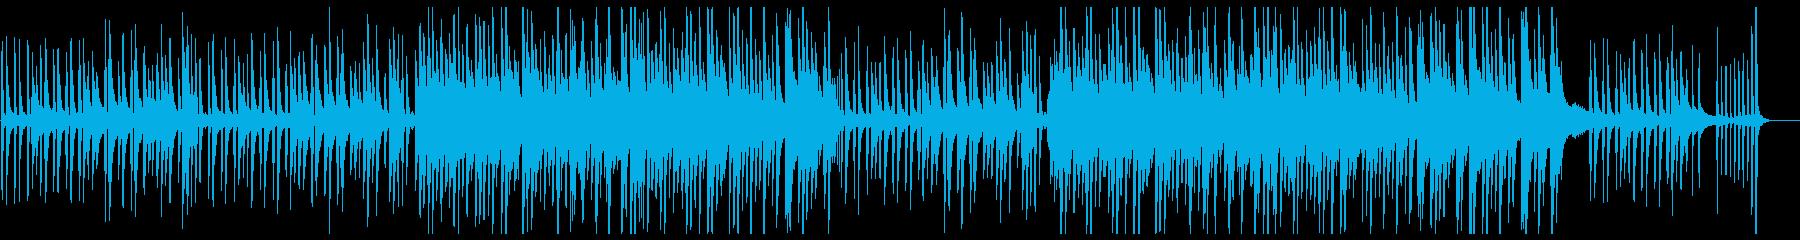 優しく美しいピアノワルツの再生済みの波形